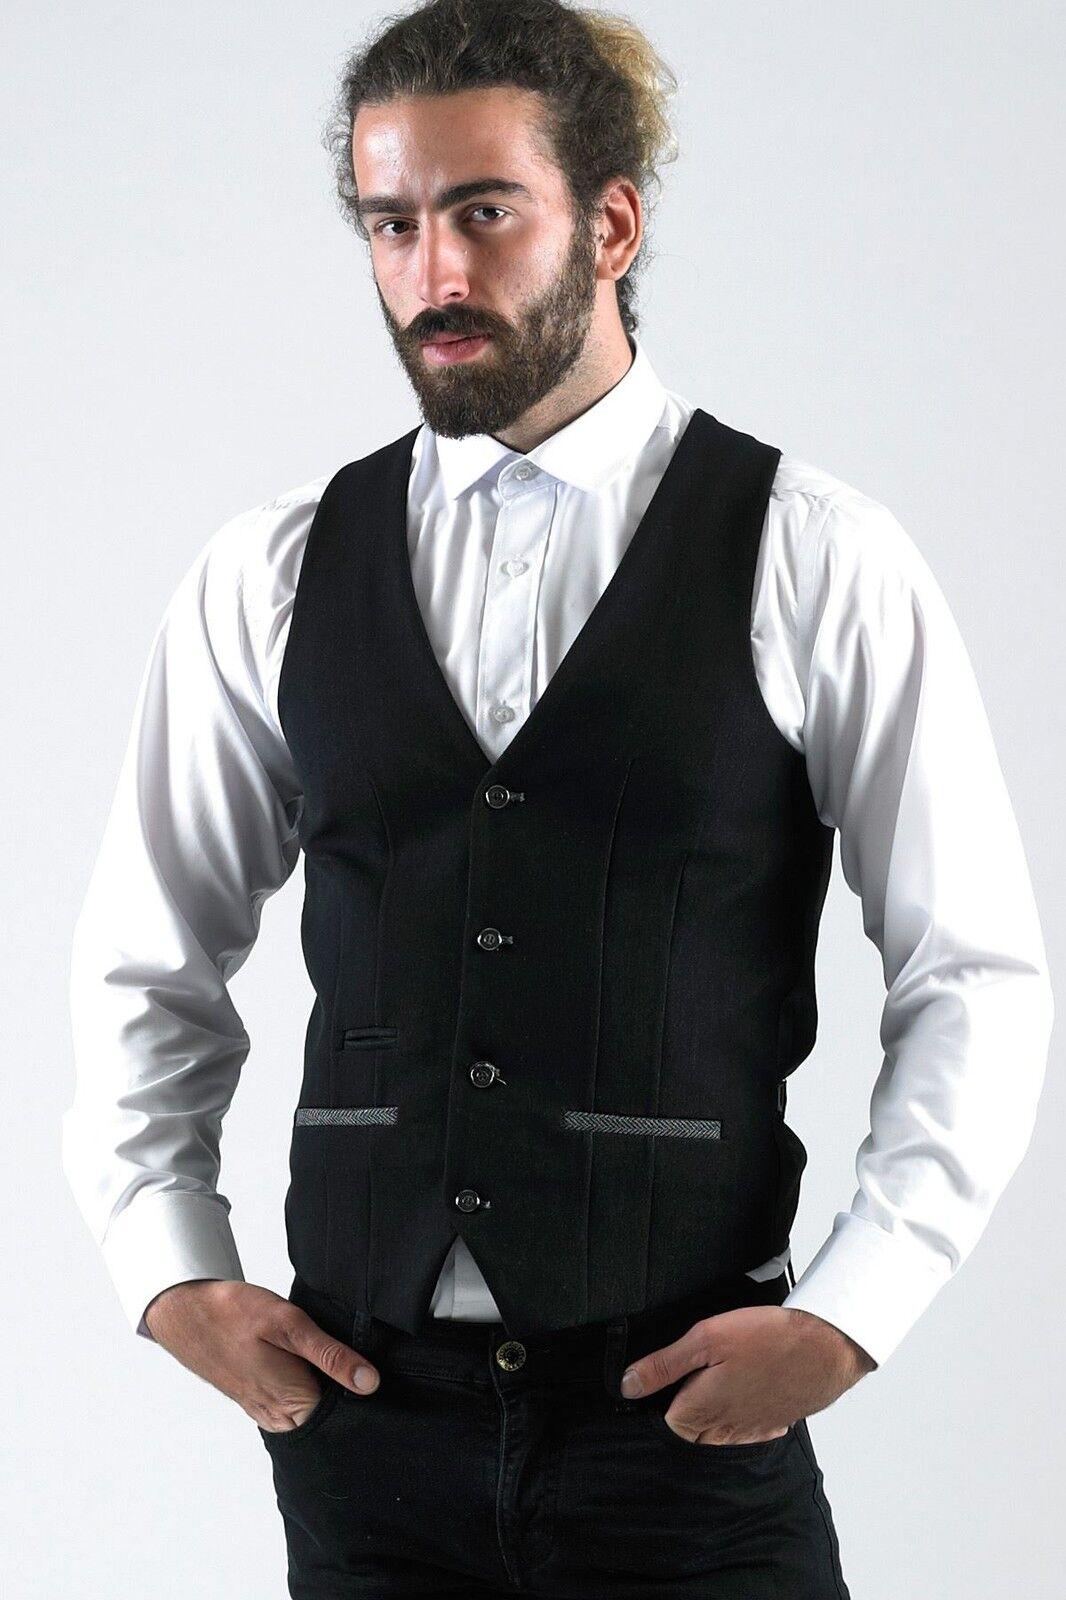 Herren Slim Fit Waistcoat Denim Look TailoROT Geschäft Smart Casual WorK Vest